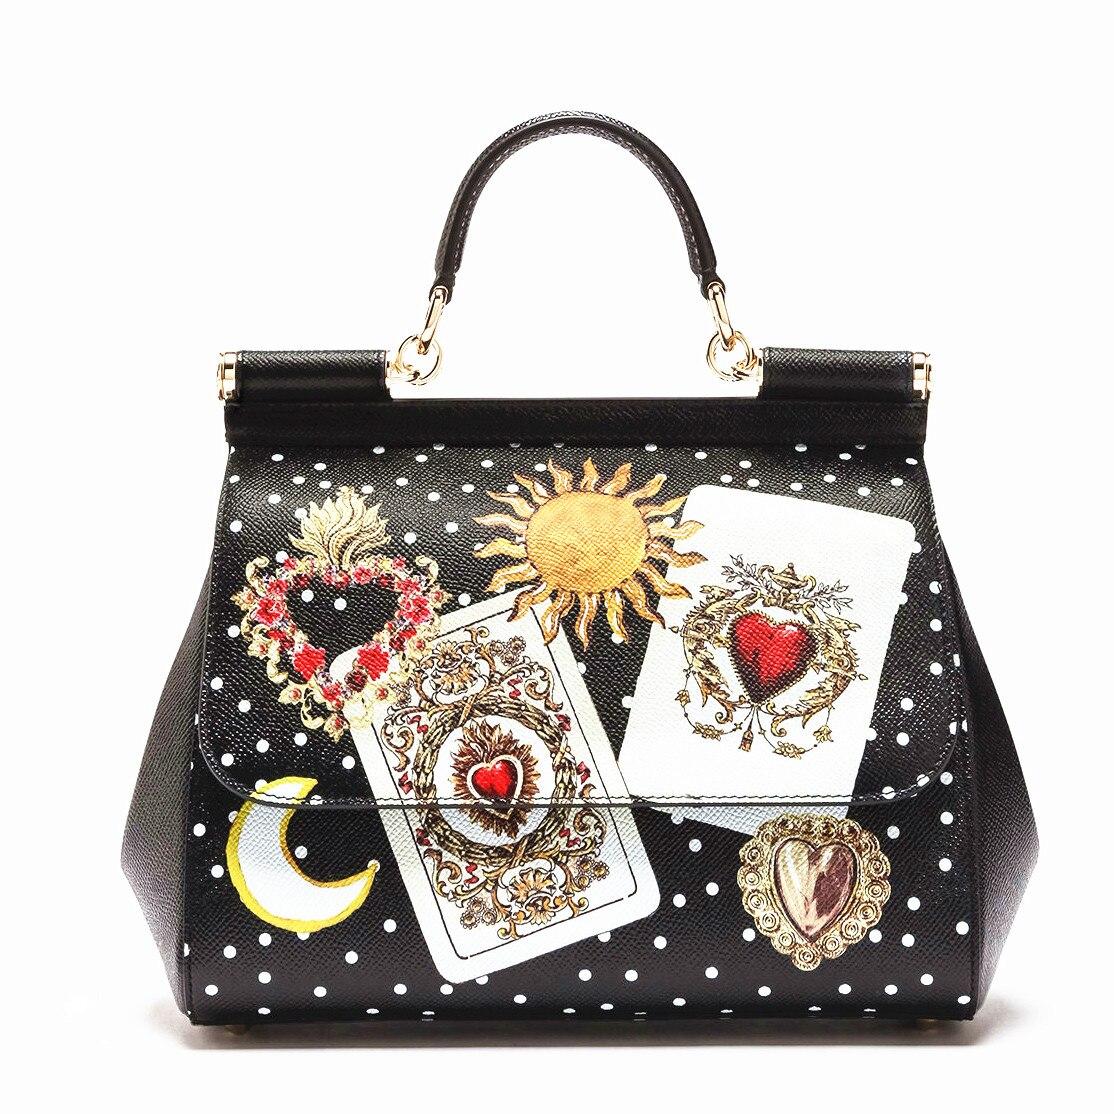 Women Handbags Shoulder Messenger BagsWomen Handbags Shoulder Messenger Bags